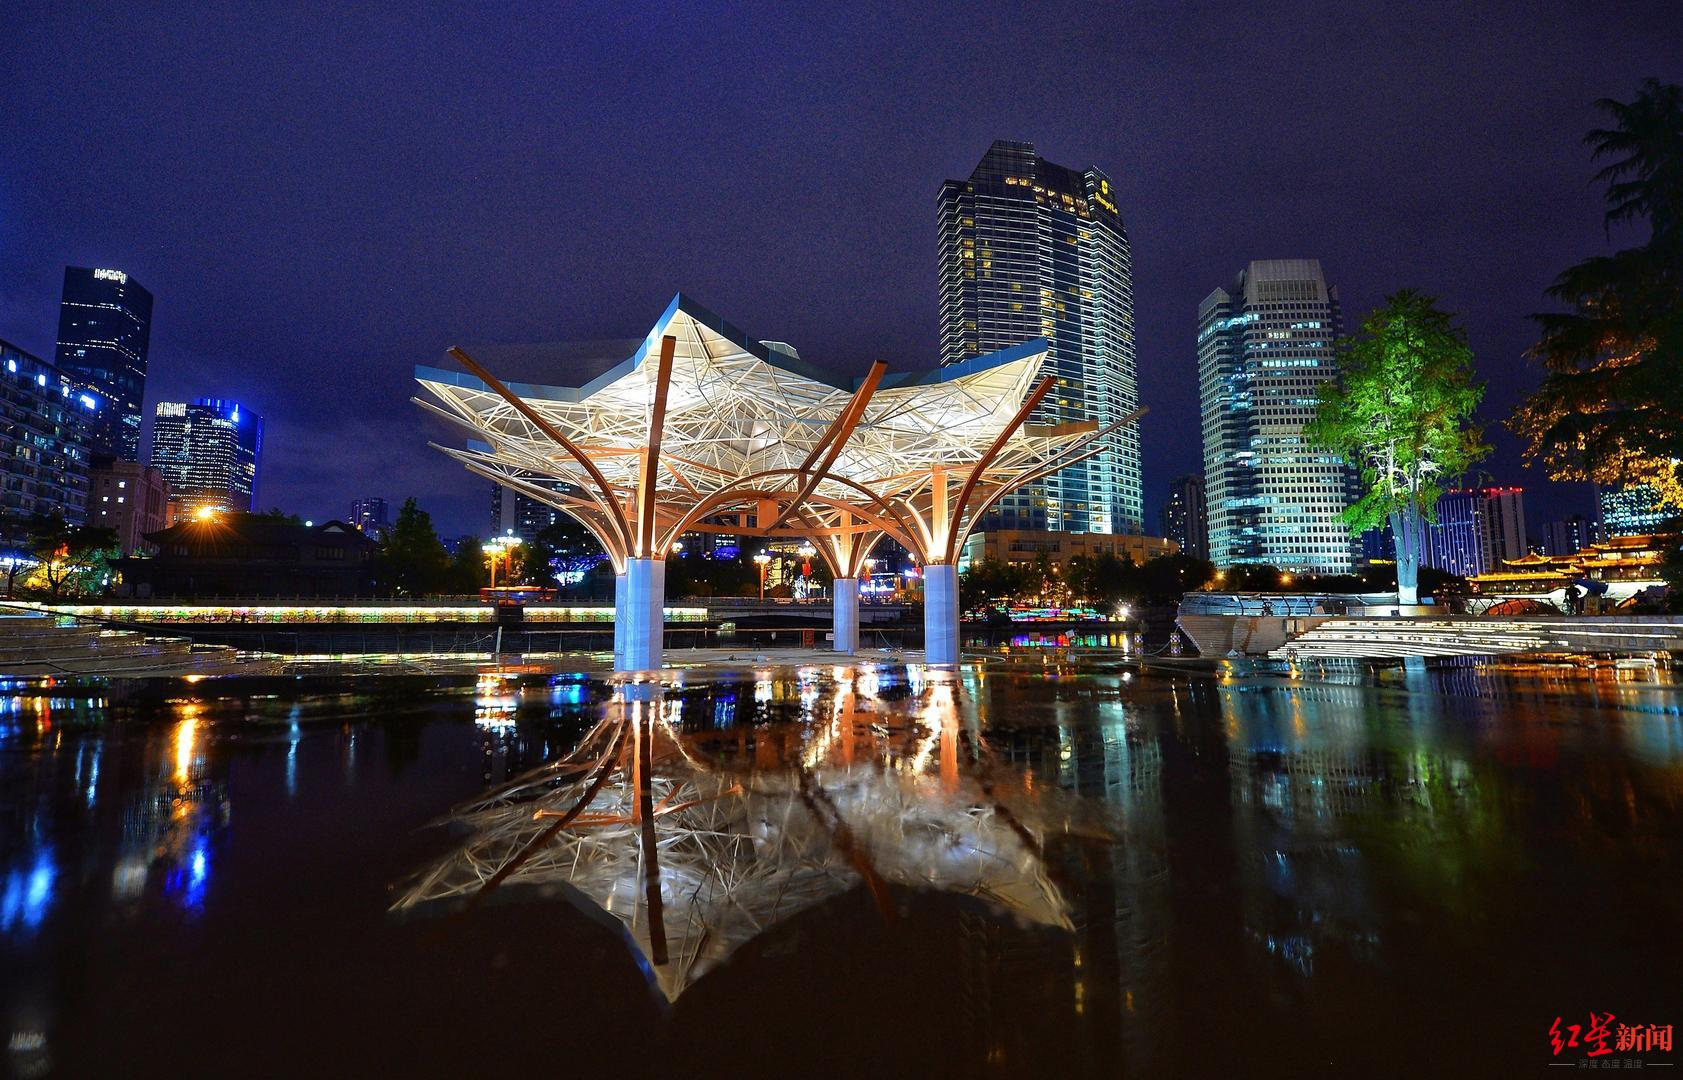 锦江公园音乐广场段年底建成!将与安顺廊桥、合江亭形成两岸三景打卡点